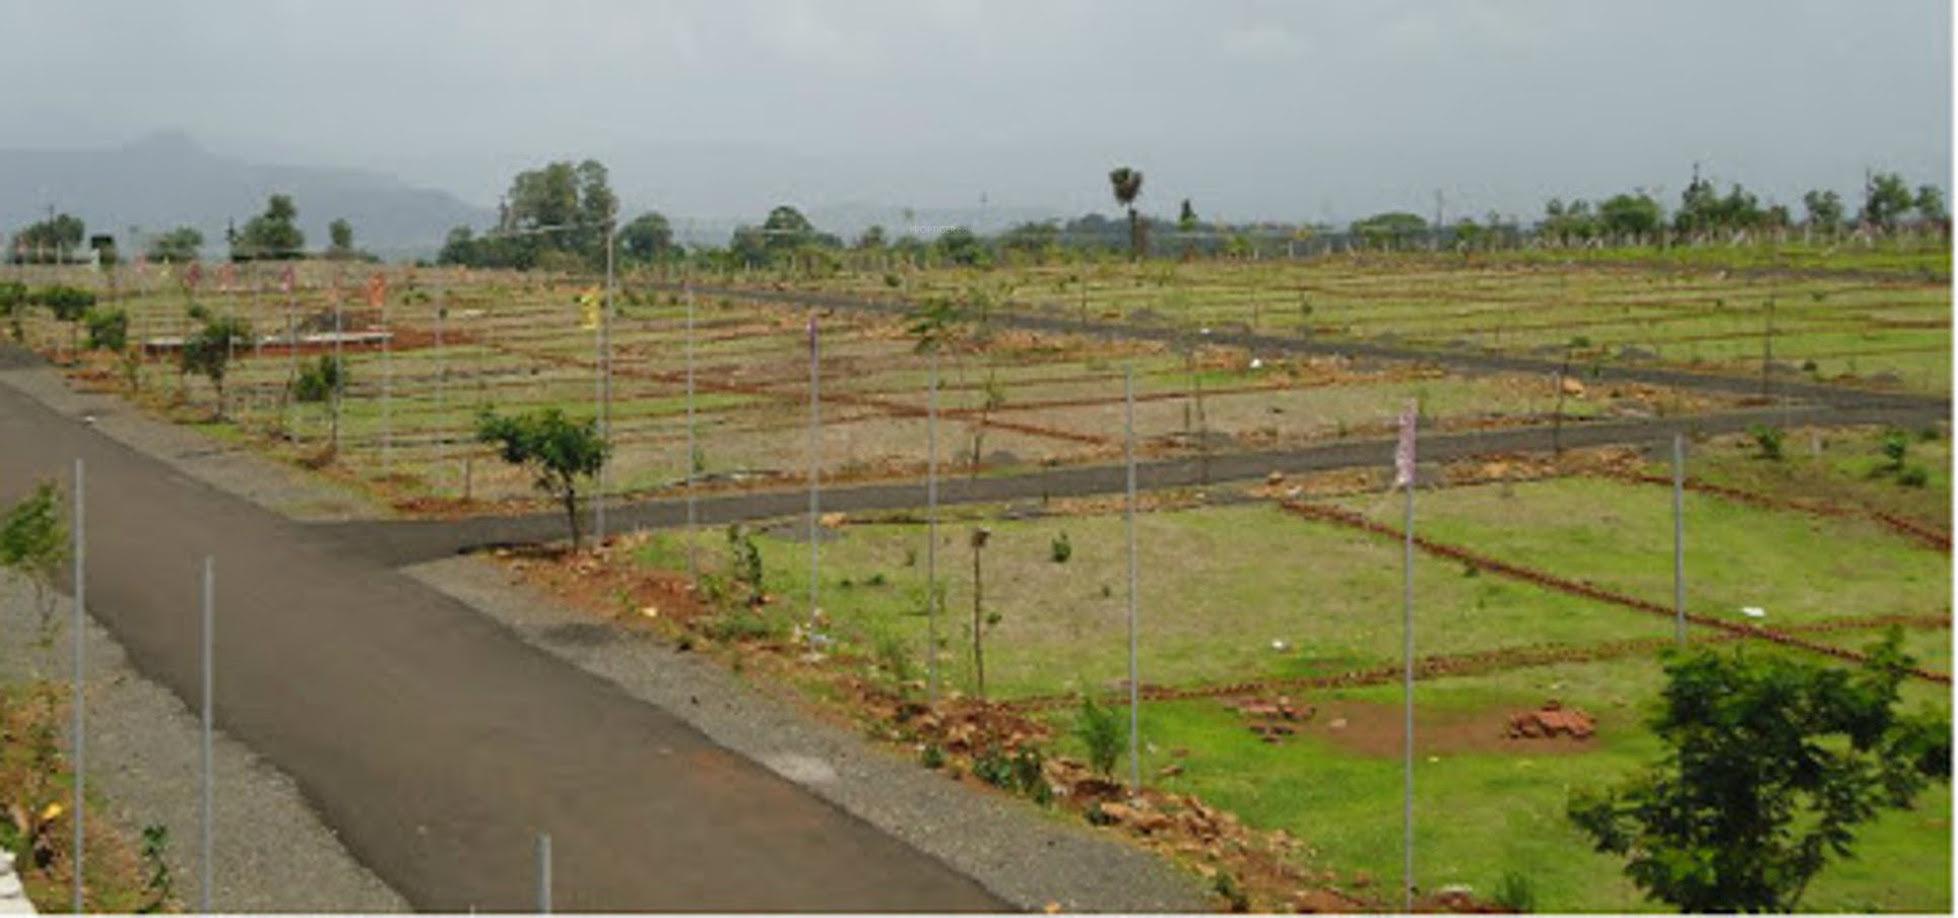 Property for Sale in Shankarpalli: PropTiger com